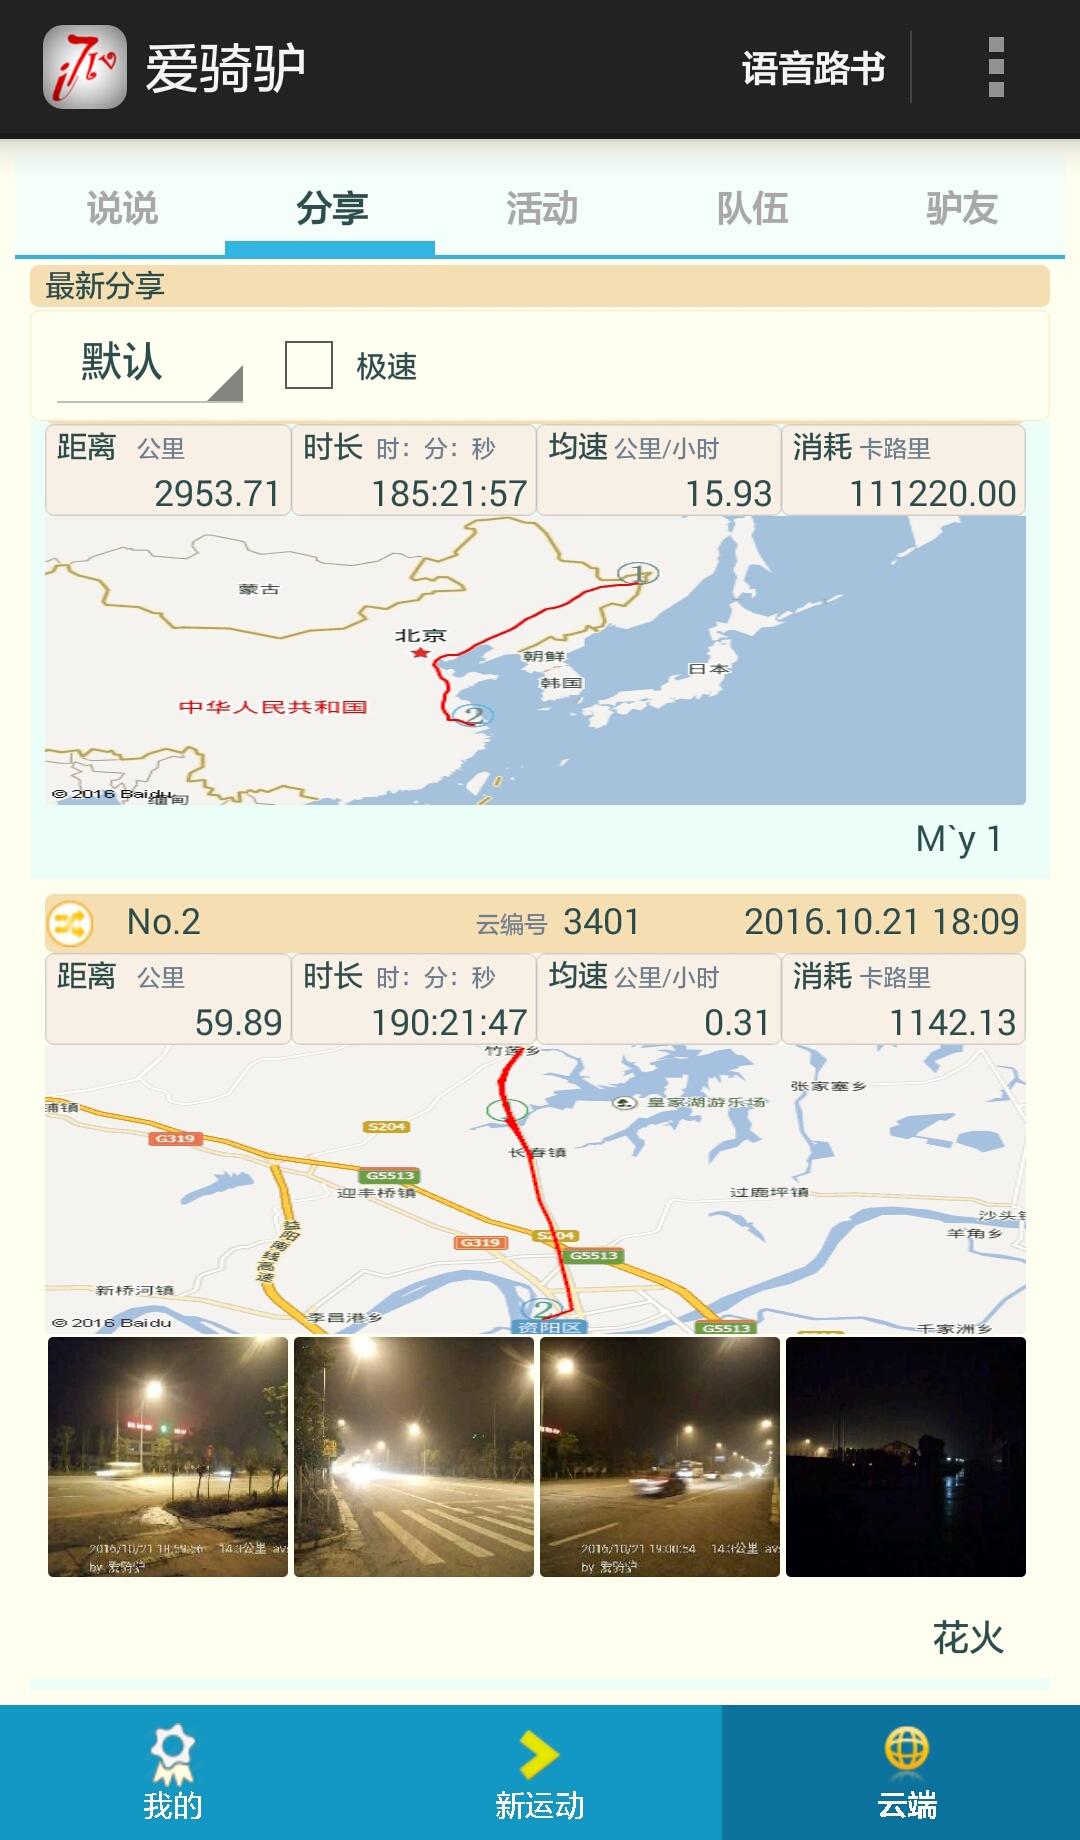 爱骑驴骑车导航软件下载app手机版图3: